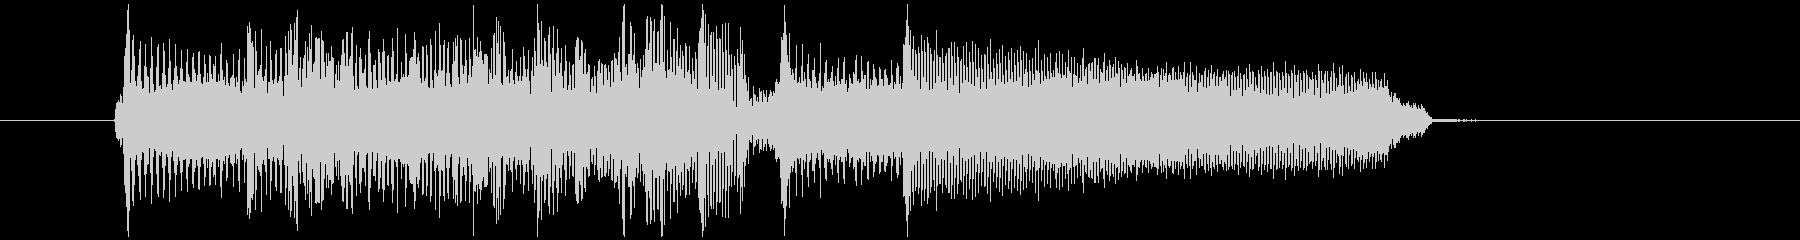 場の雰囲気を変えるギターロックジングルの未再生の波形